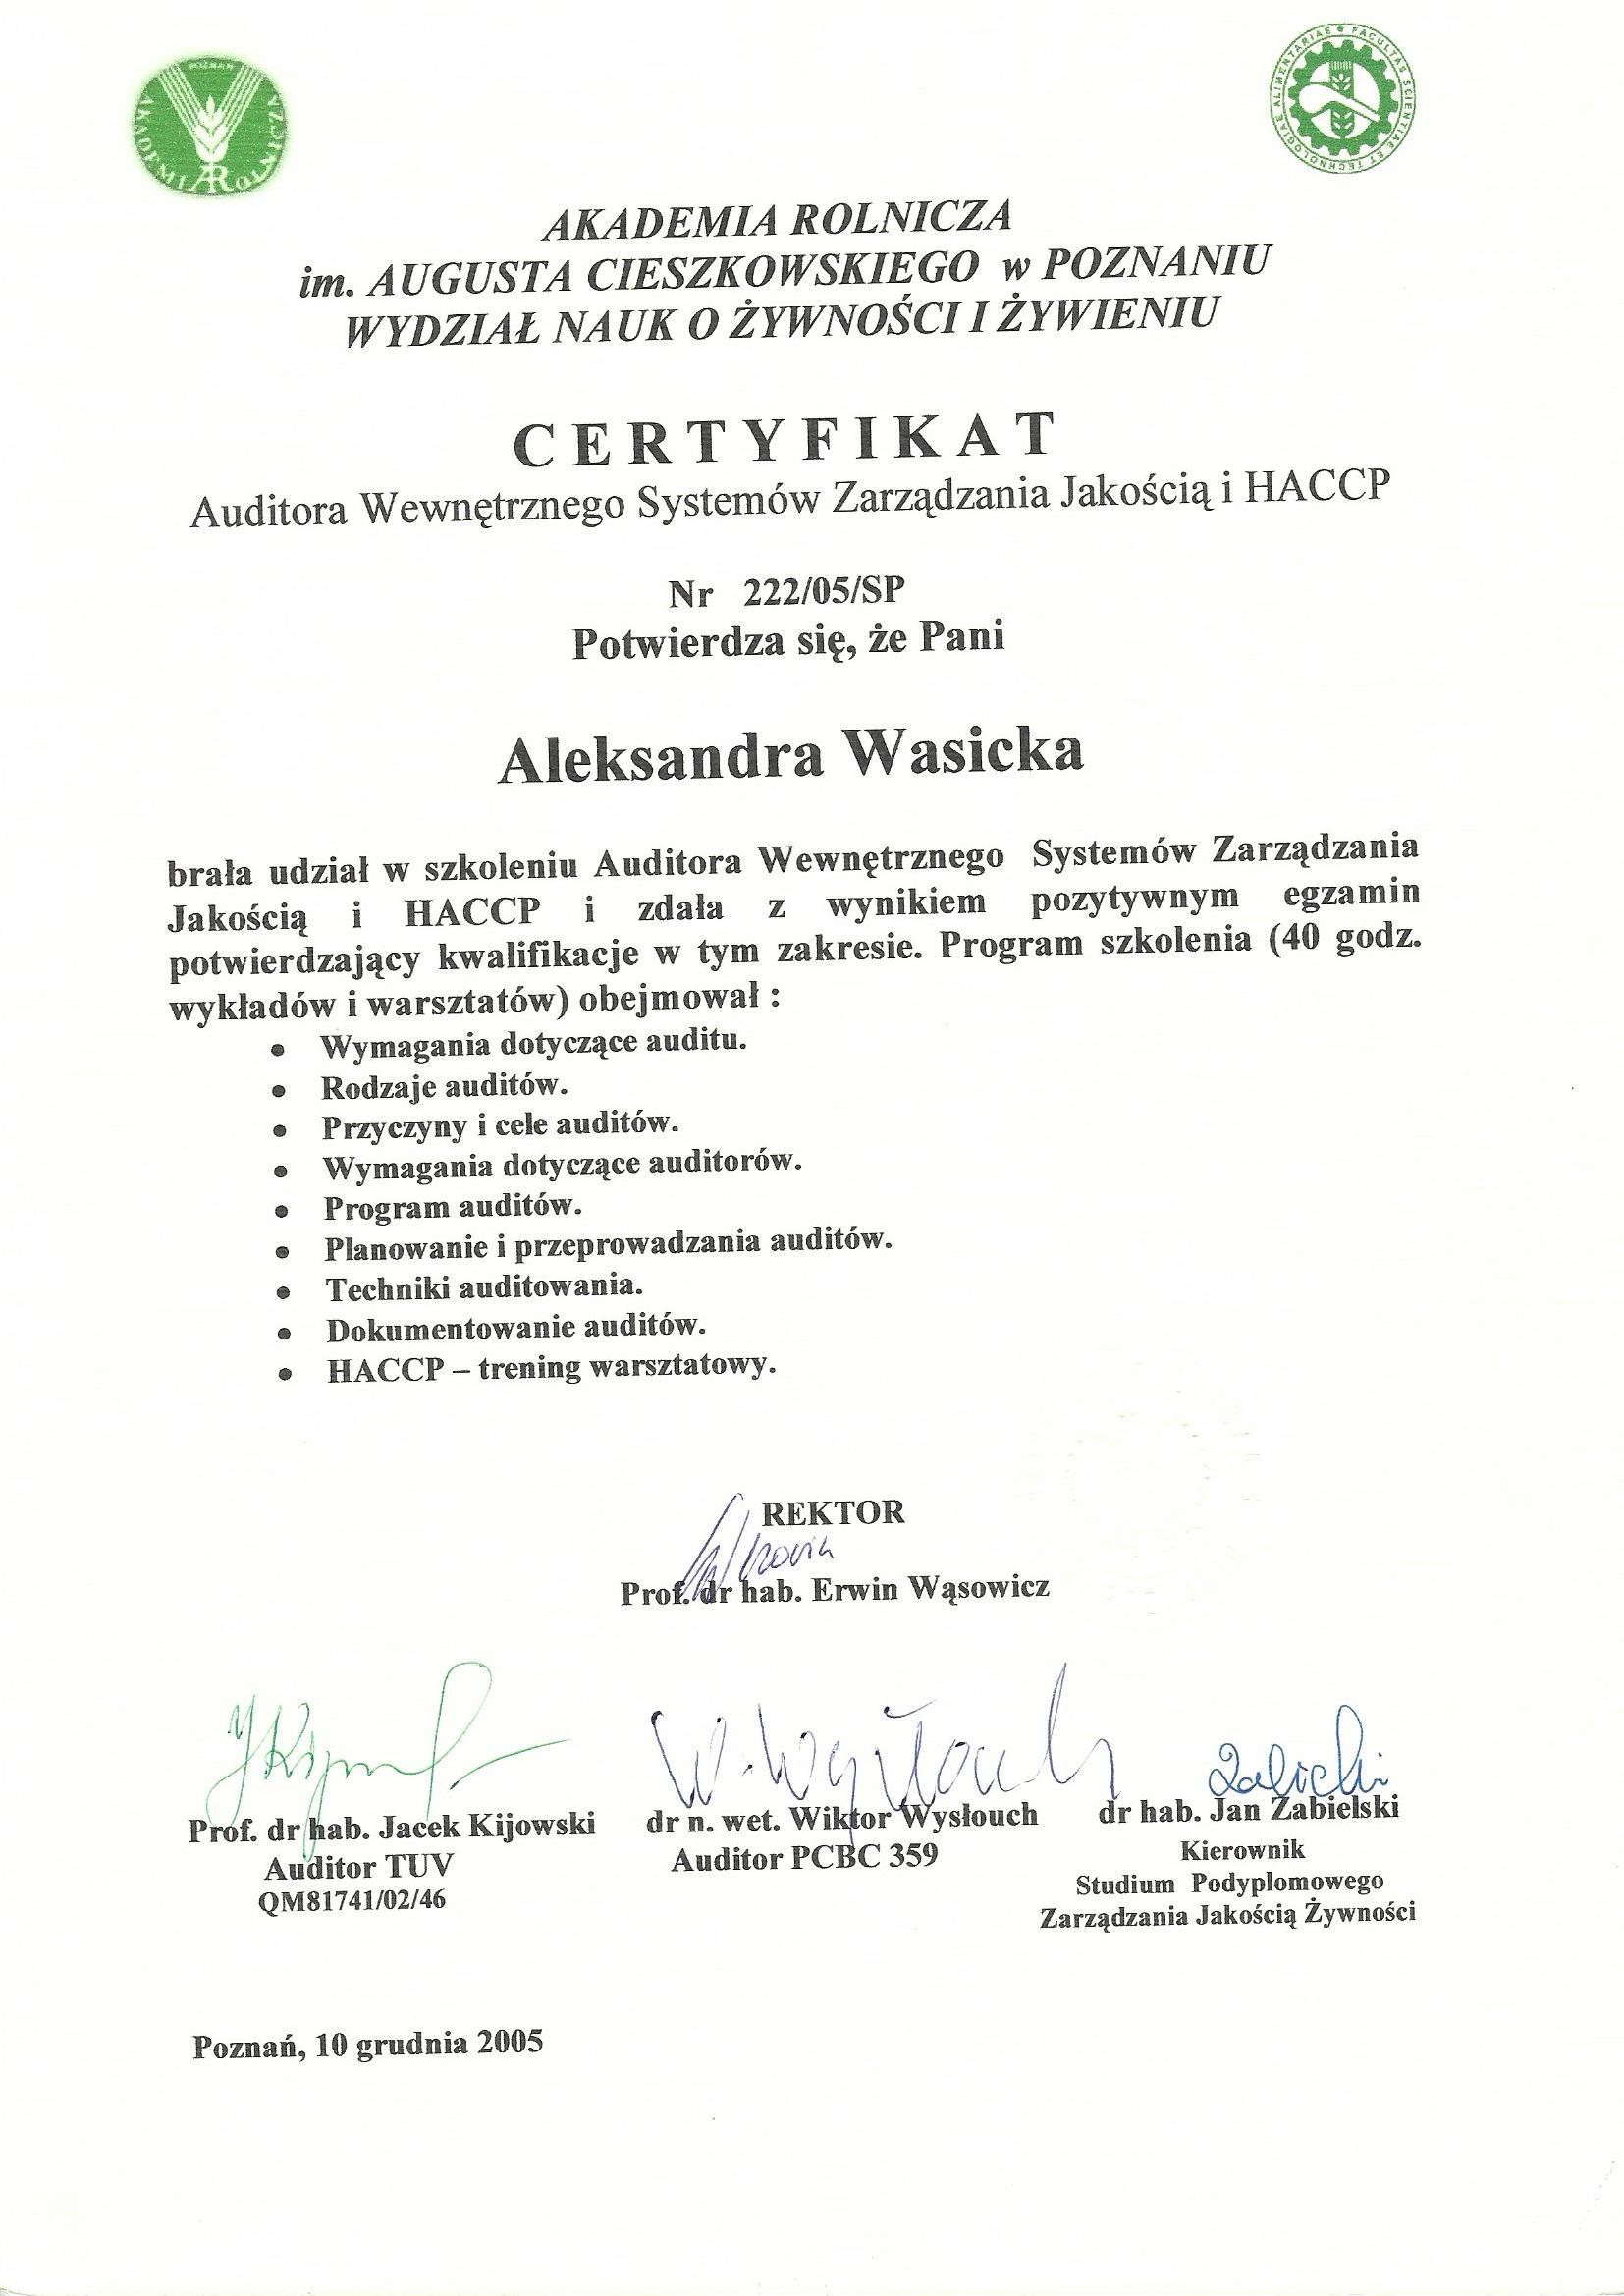 Certifikat1jpg